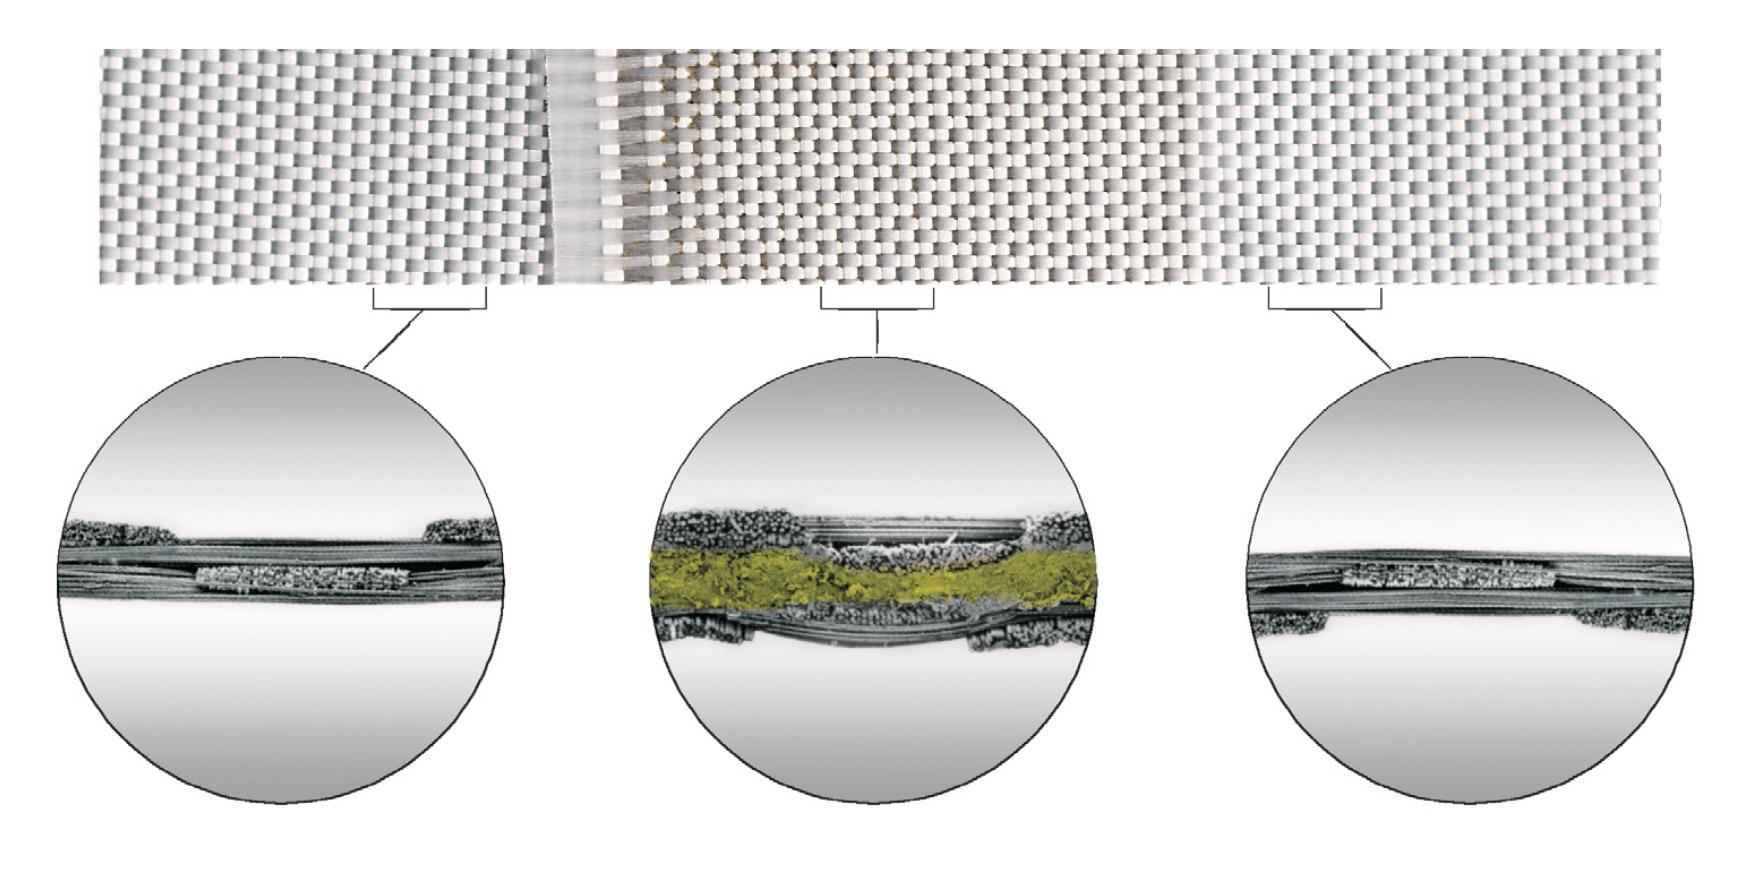 termosaldatura-tessuti-macchine-per-termosaldatura-tessile-presse-giunzione-a-caldo-dettaglio-tessuto-pressato